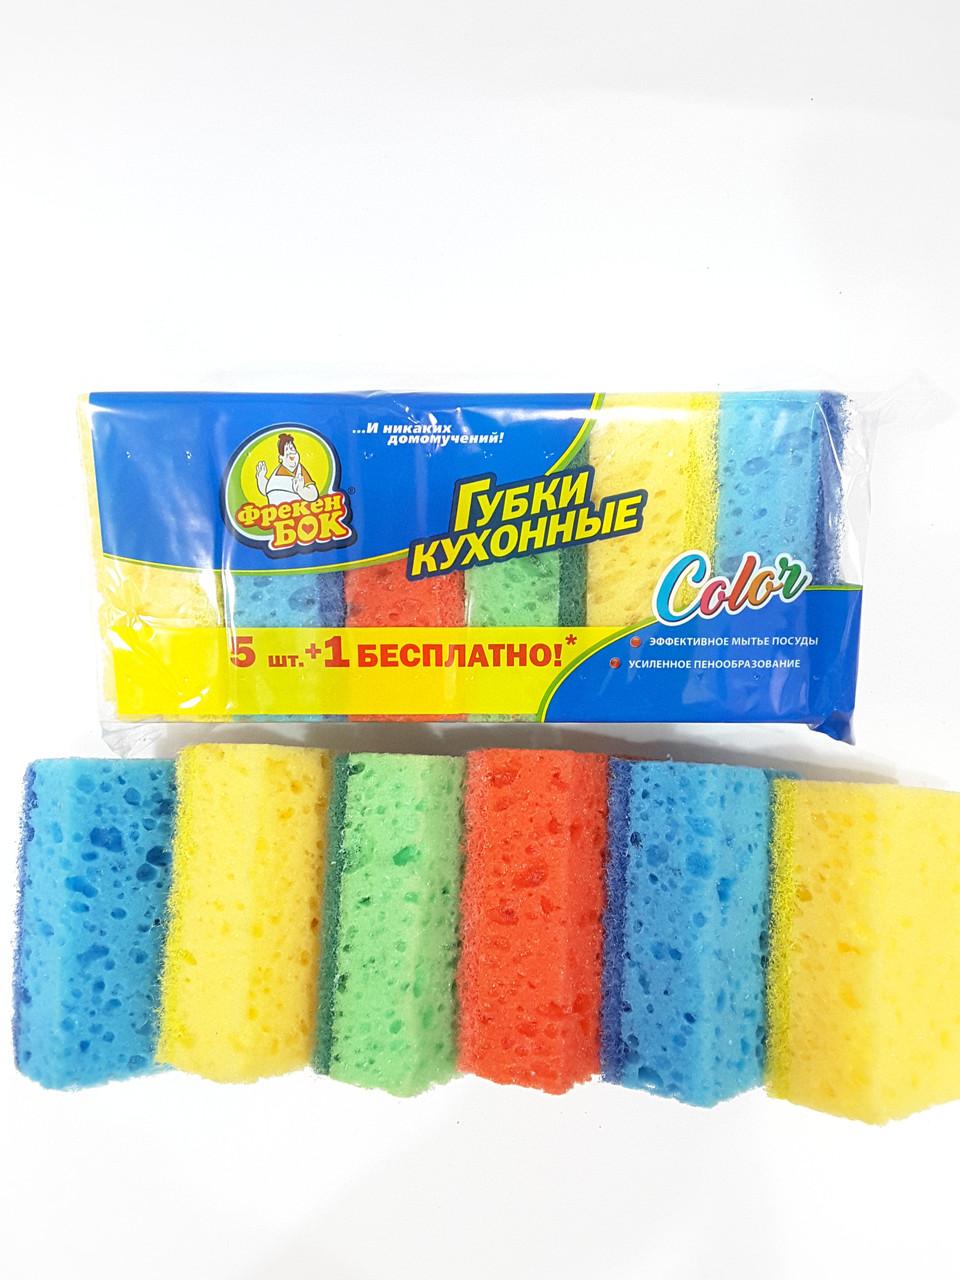 Губки кухонные Фрекен Бок Color 5шт.+1 бесплатно